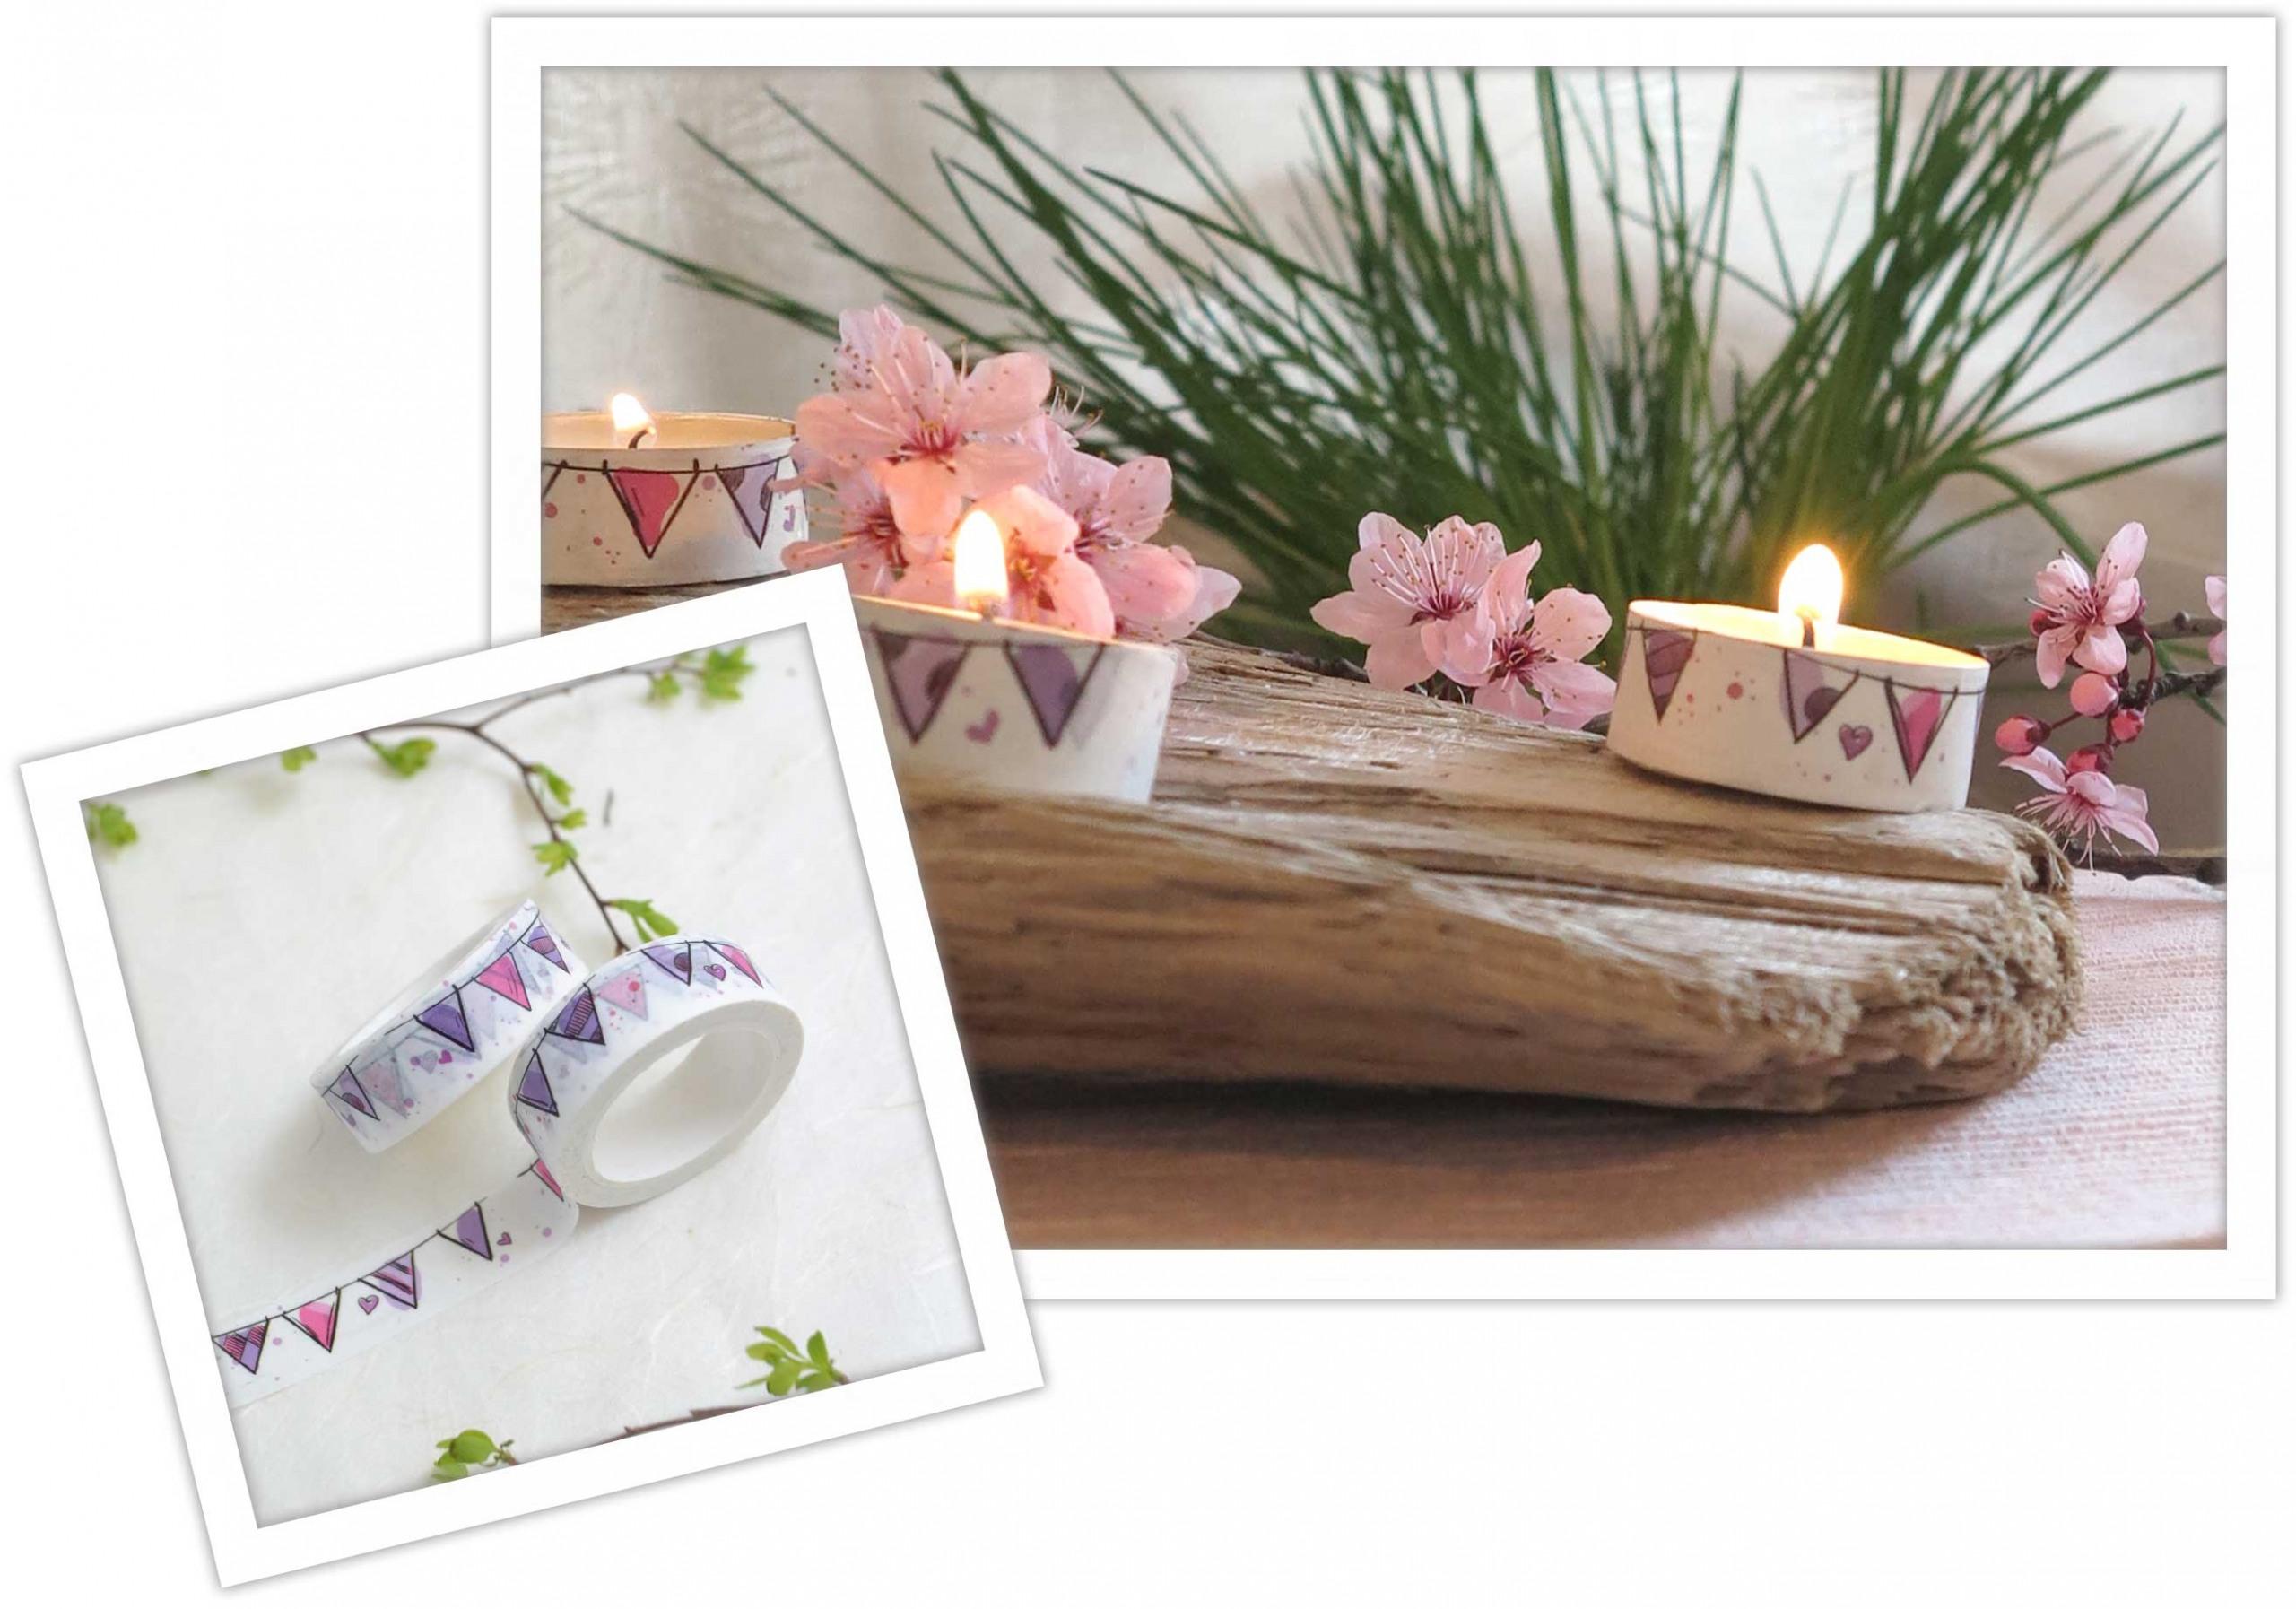 Washit Tape DIY Ideen für dein Wohnzimmer mit Teelichtern